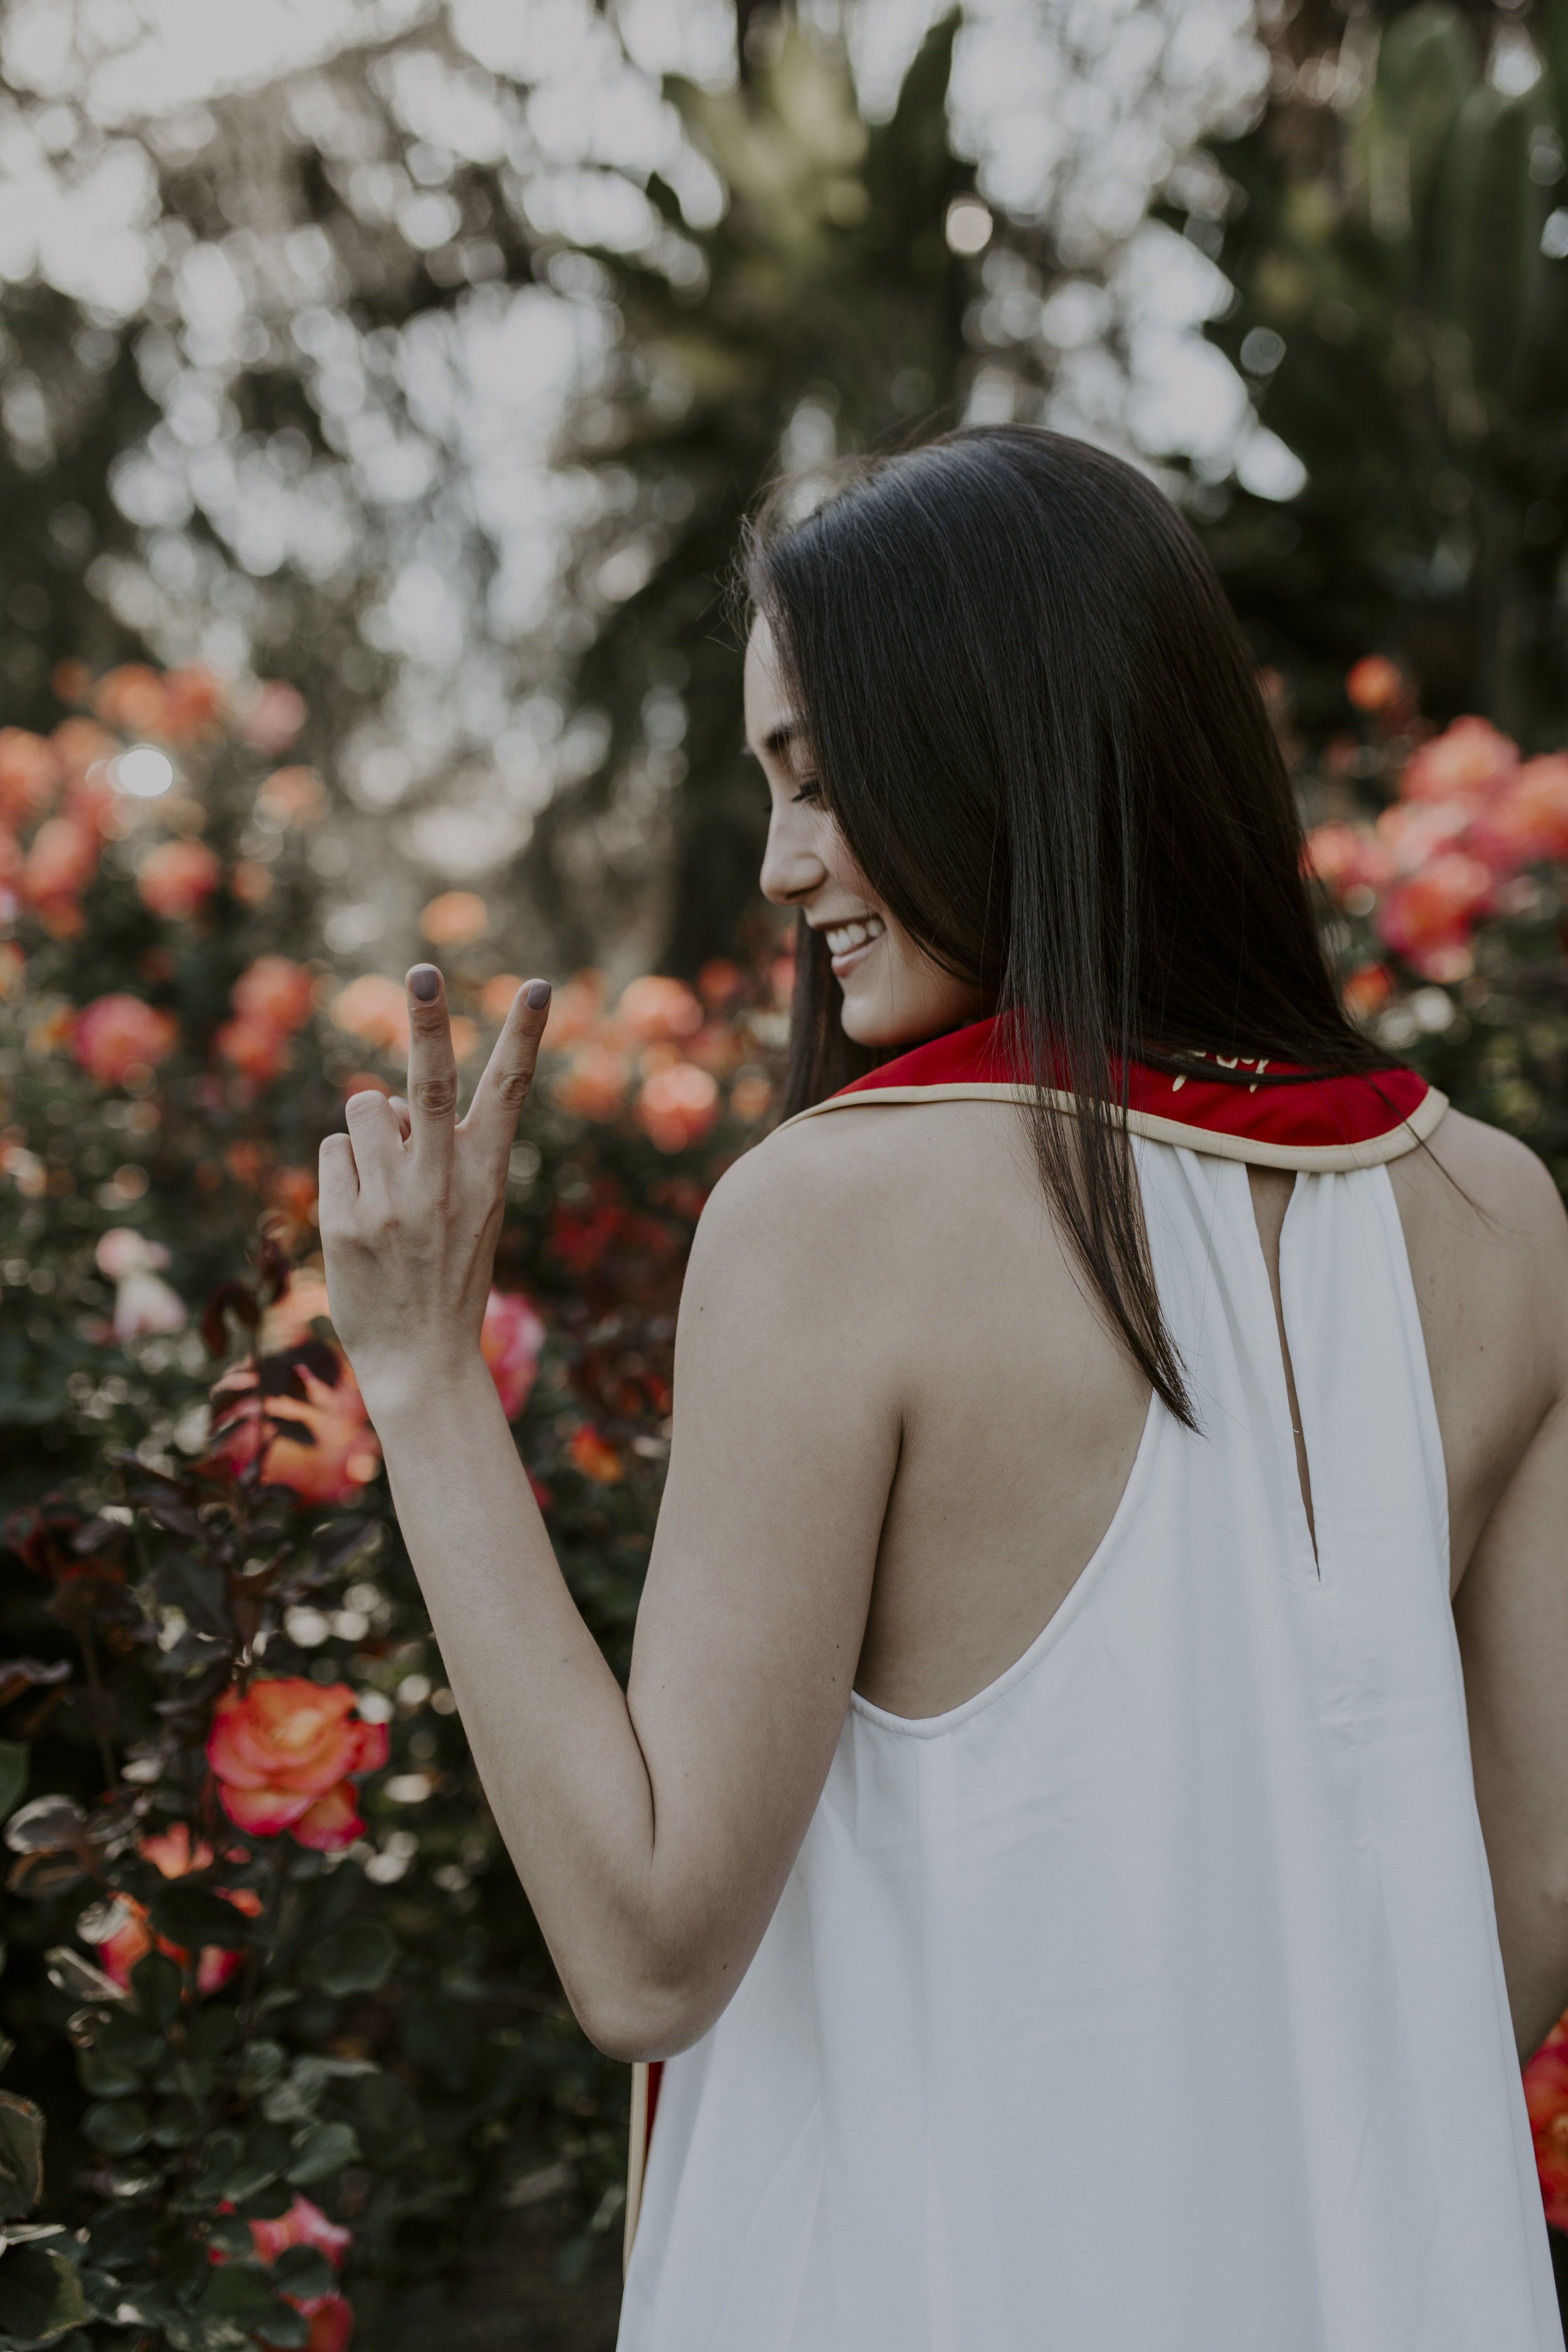 rose garden23.jpg